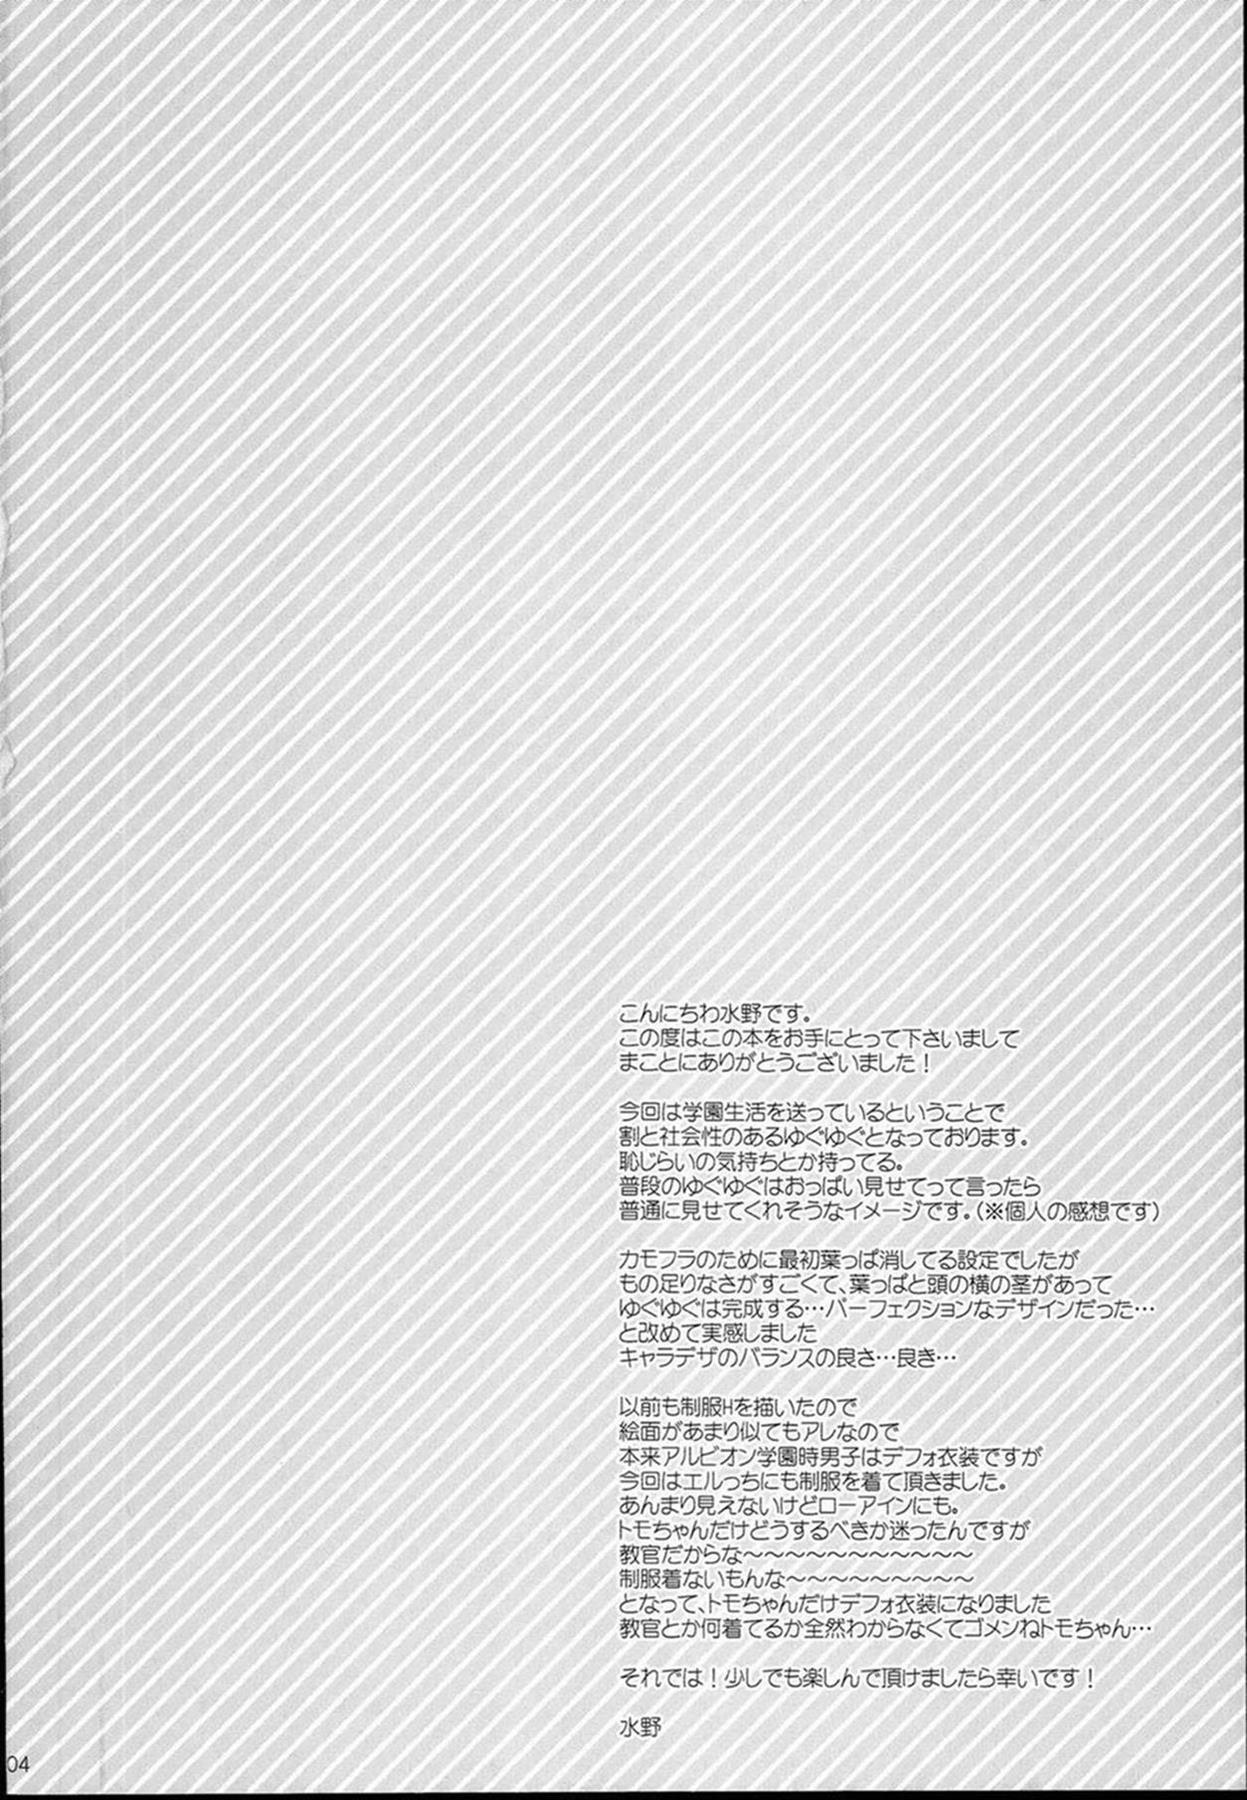 【エロ同人誌 グラブル】星晶獣のユグドラシルの巨乳が柔らかすぎてエルセムは我慢できずに…【無料 エロ漫画】 (3)